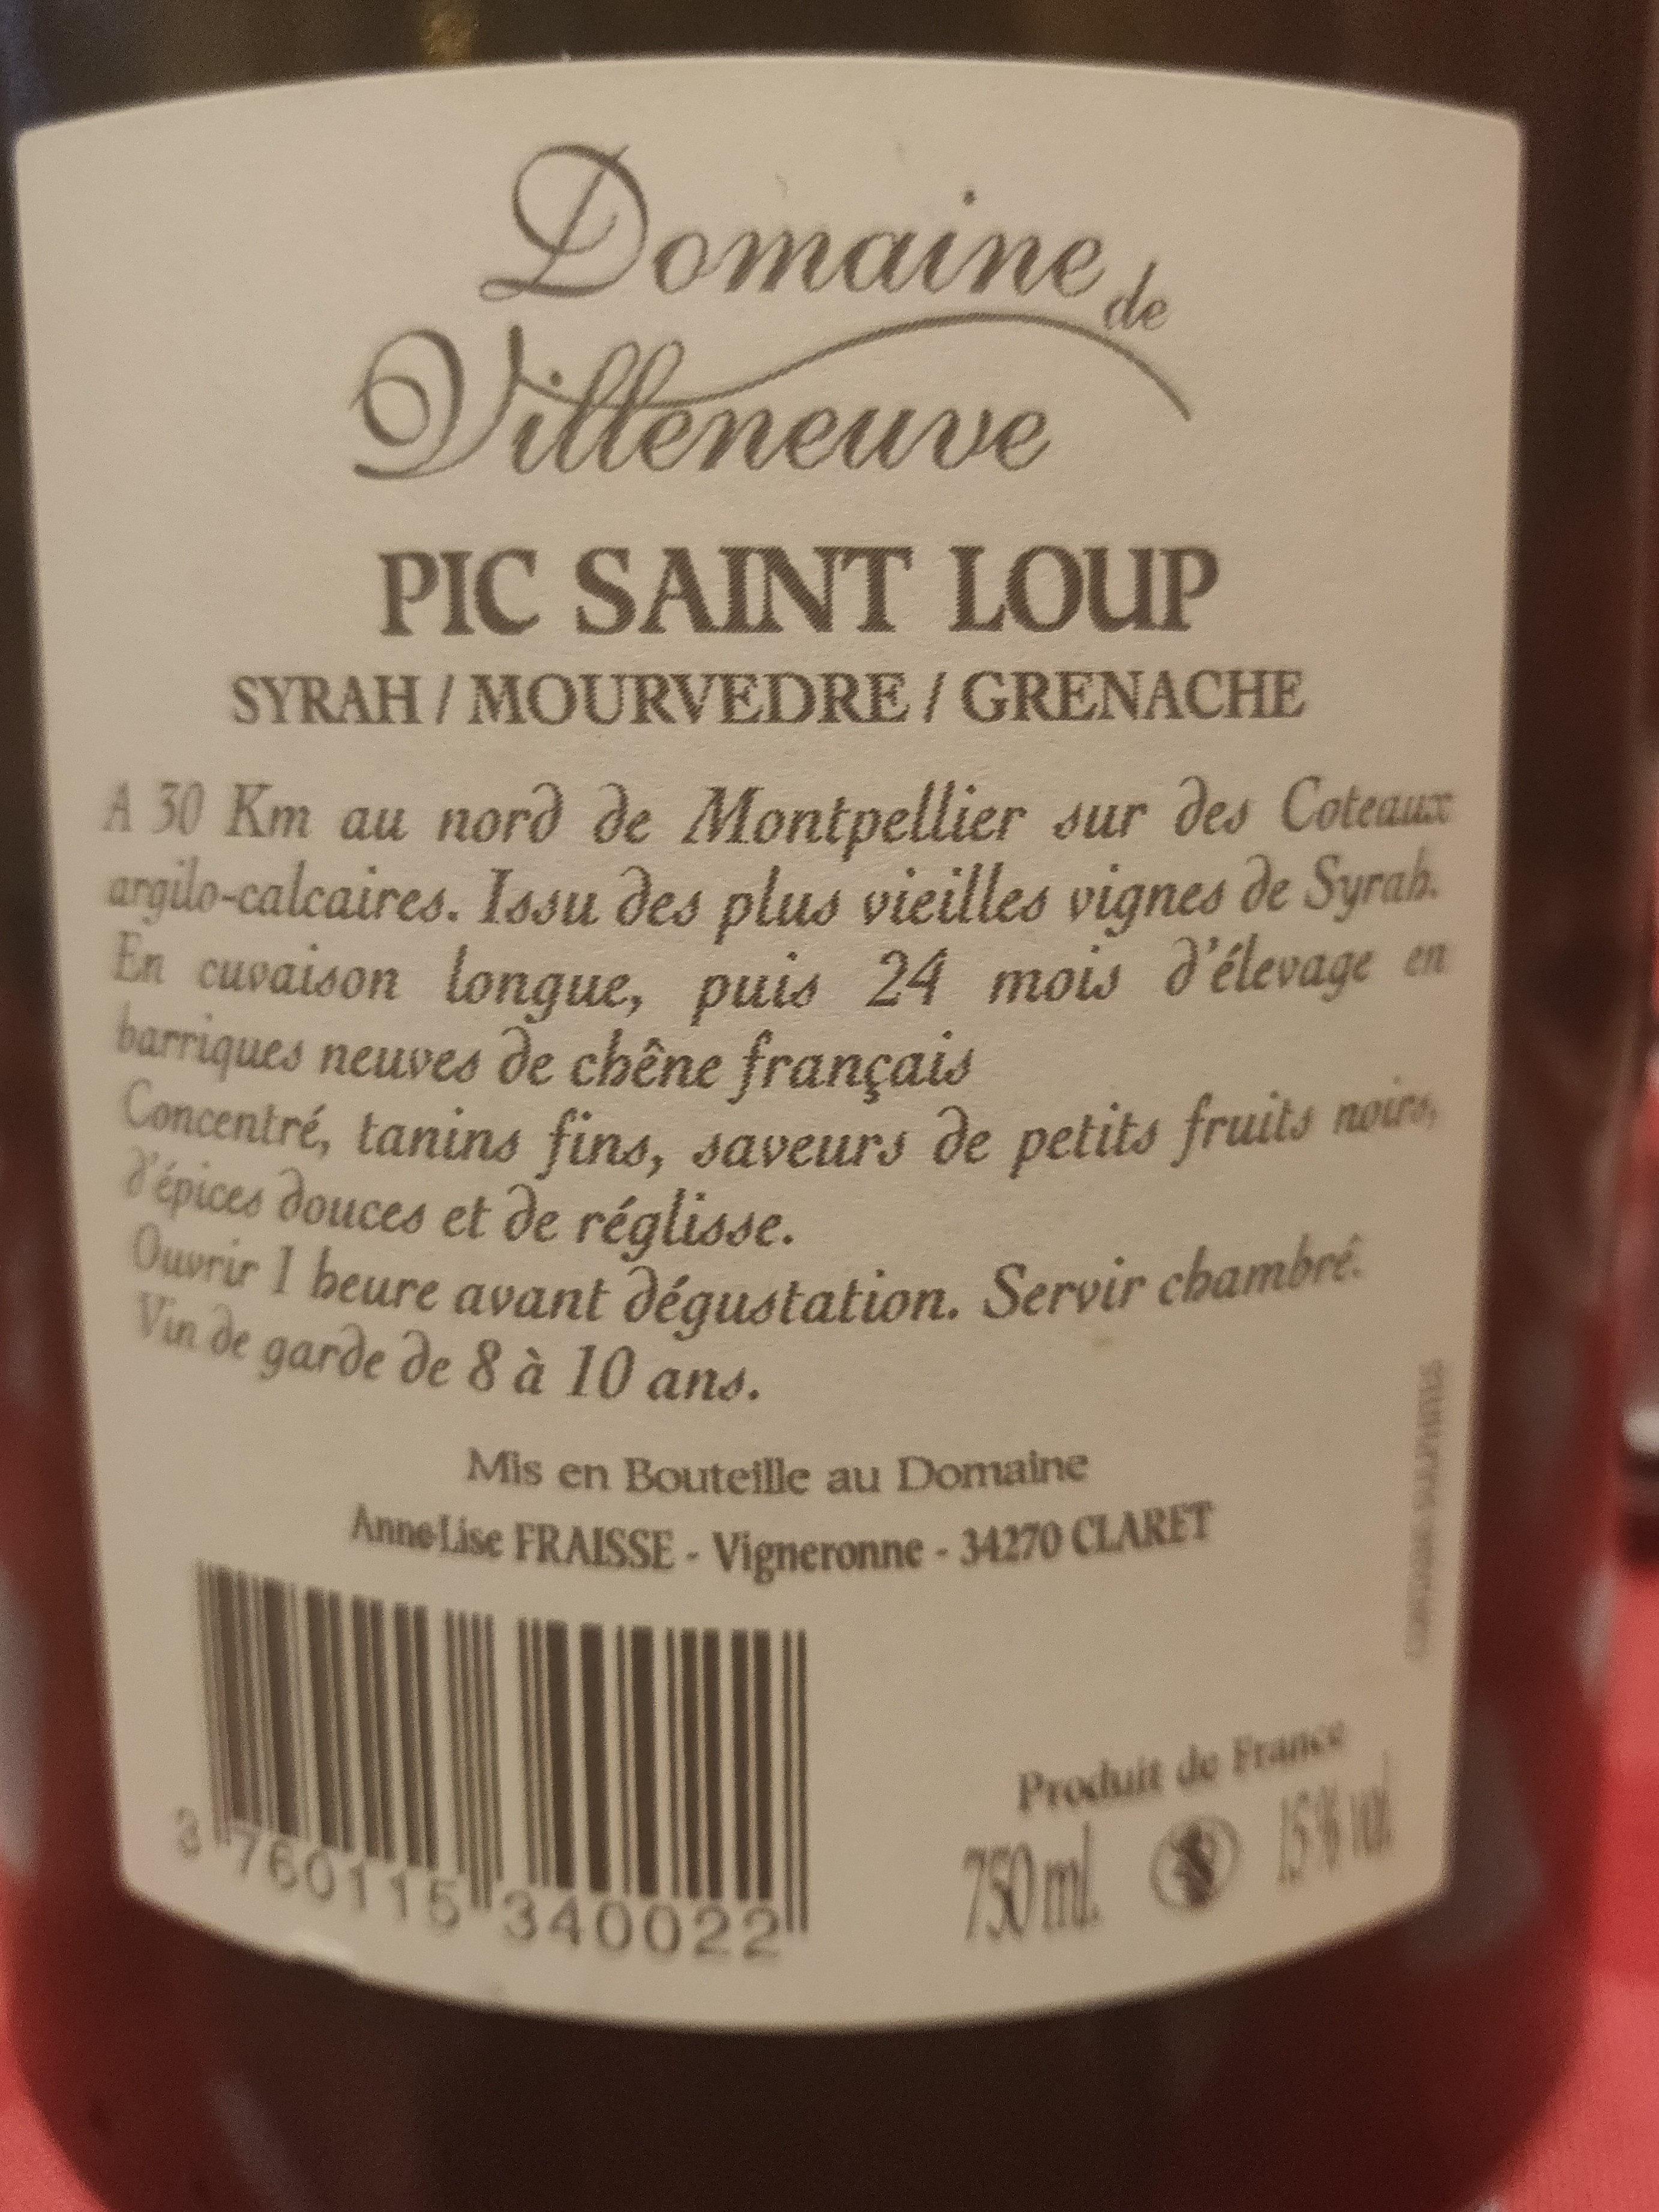 vin rouge Pic Saint Loup - Ingrédients